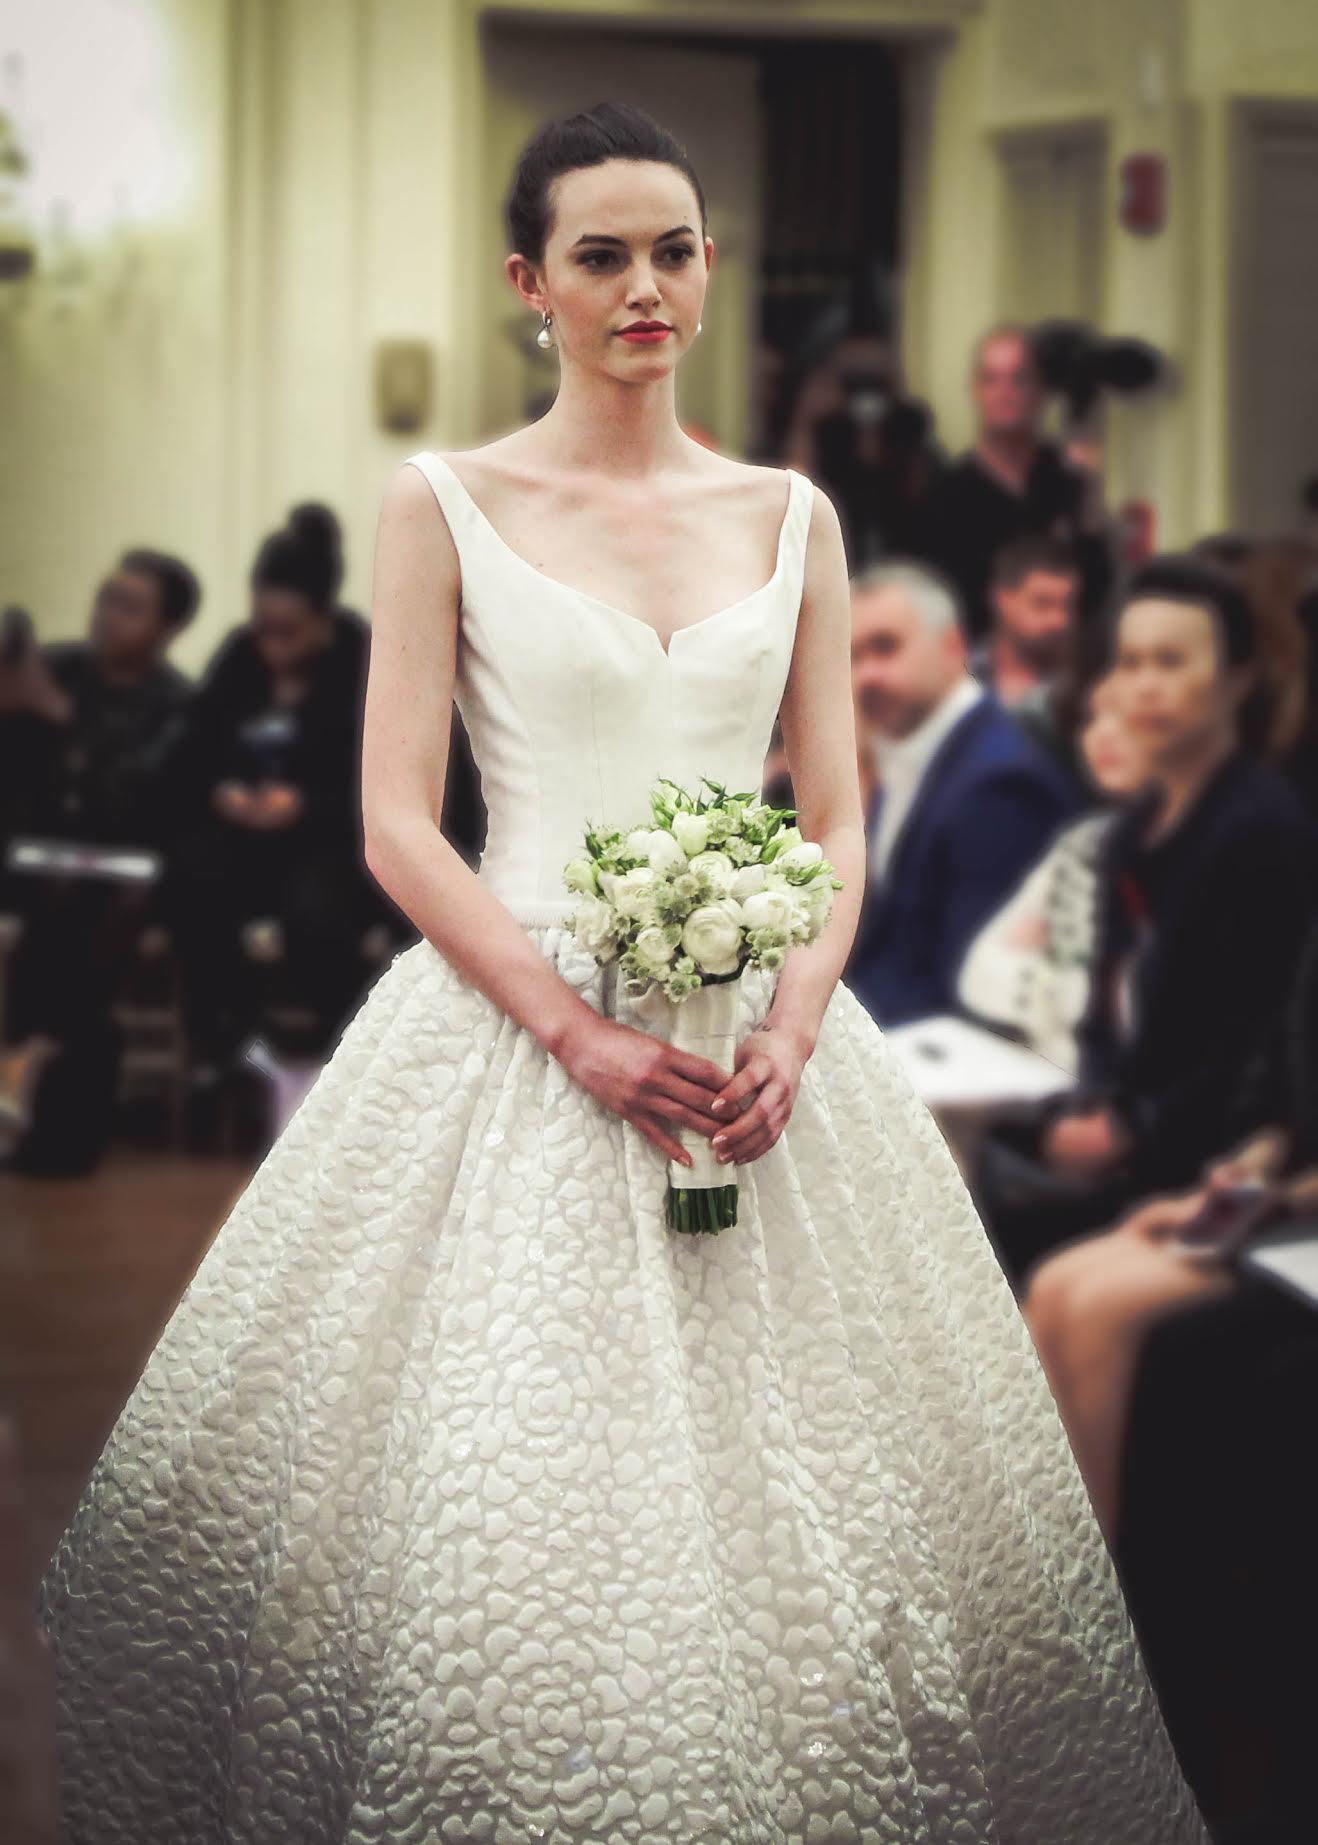 Wedding+flowers+wedding+photography+columbia+photo+studio.jpg